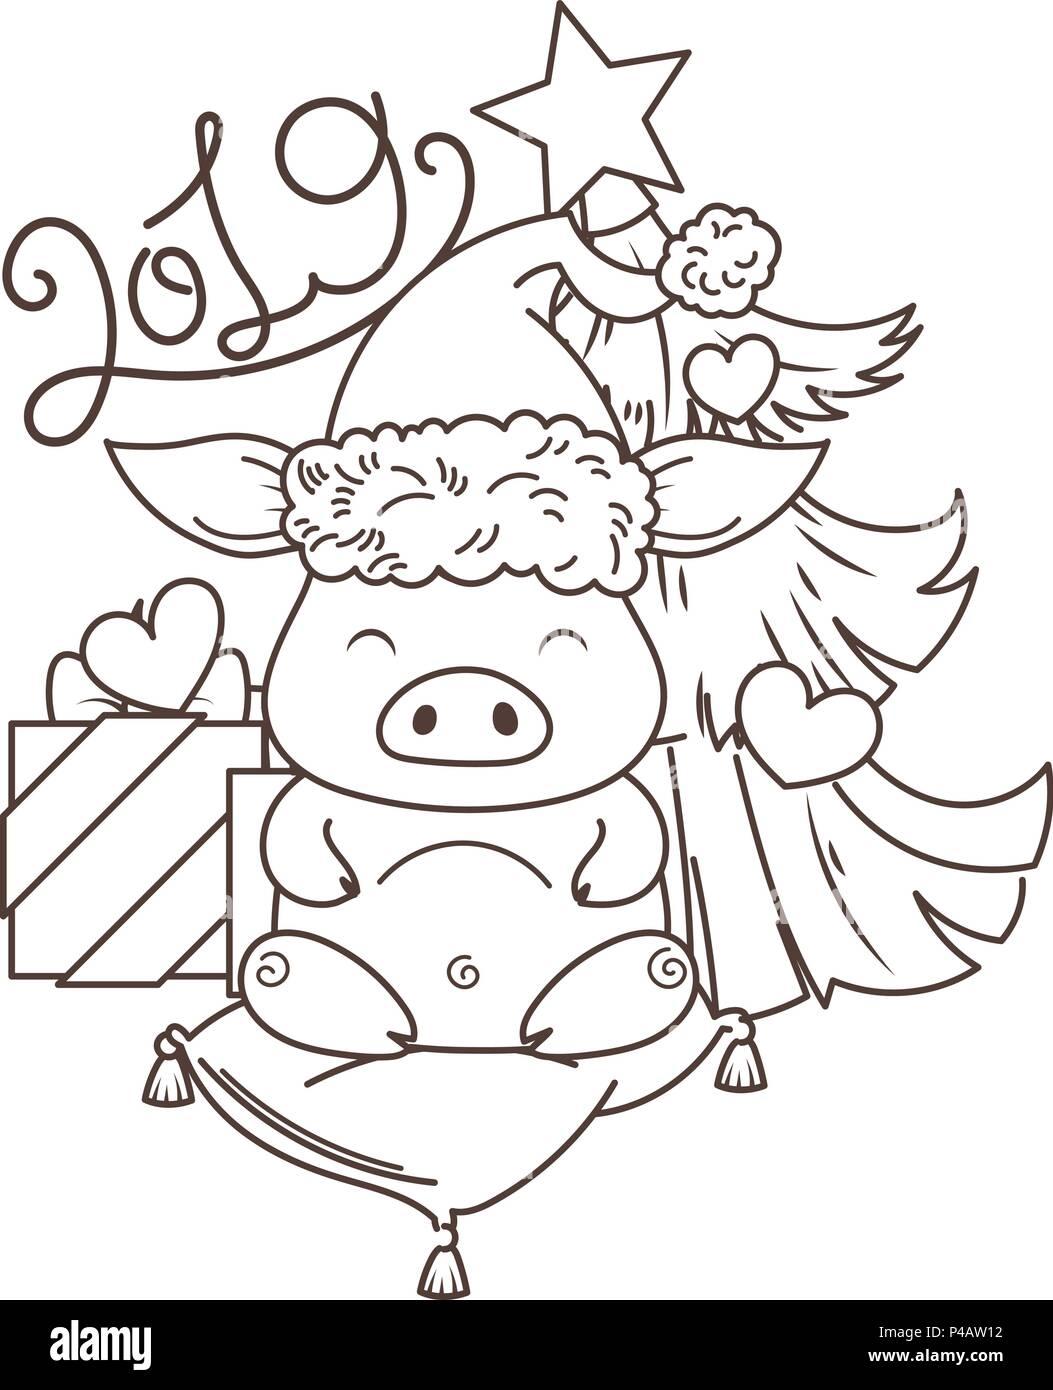 Coloriage Chat Chinois.Cute Cartoon Chat En Amour Avec Maison De Vacances Arbre Symbole De